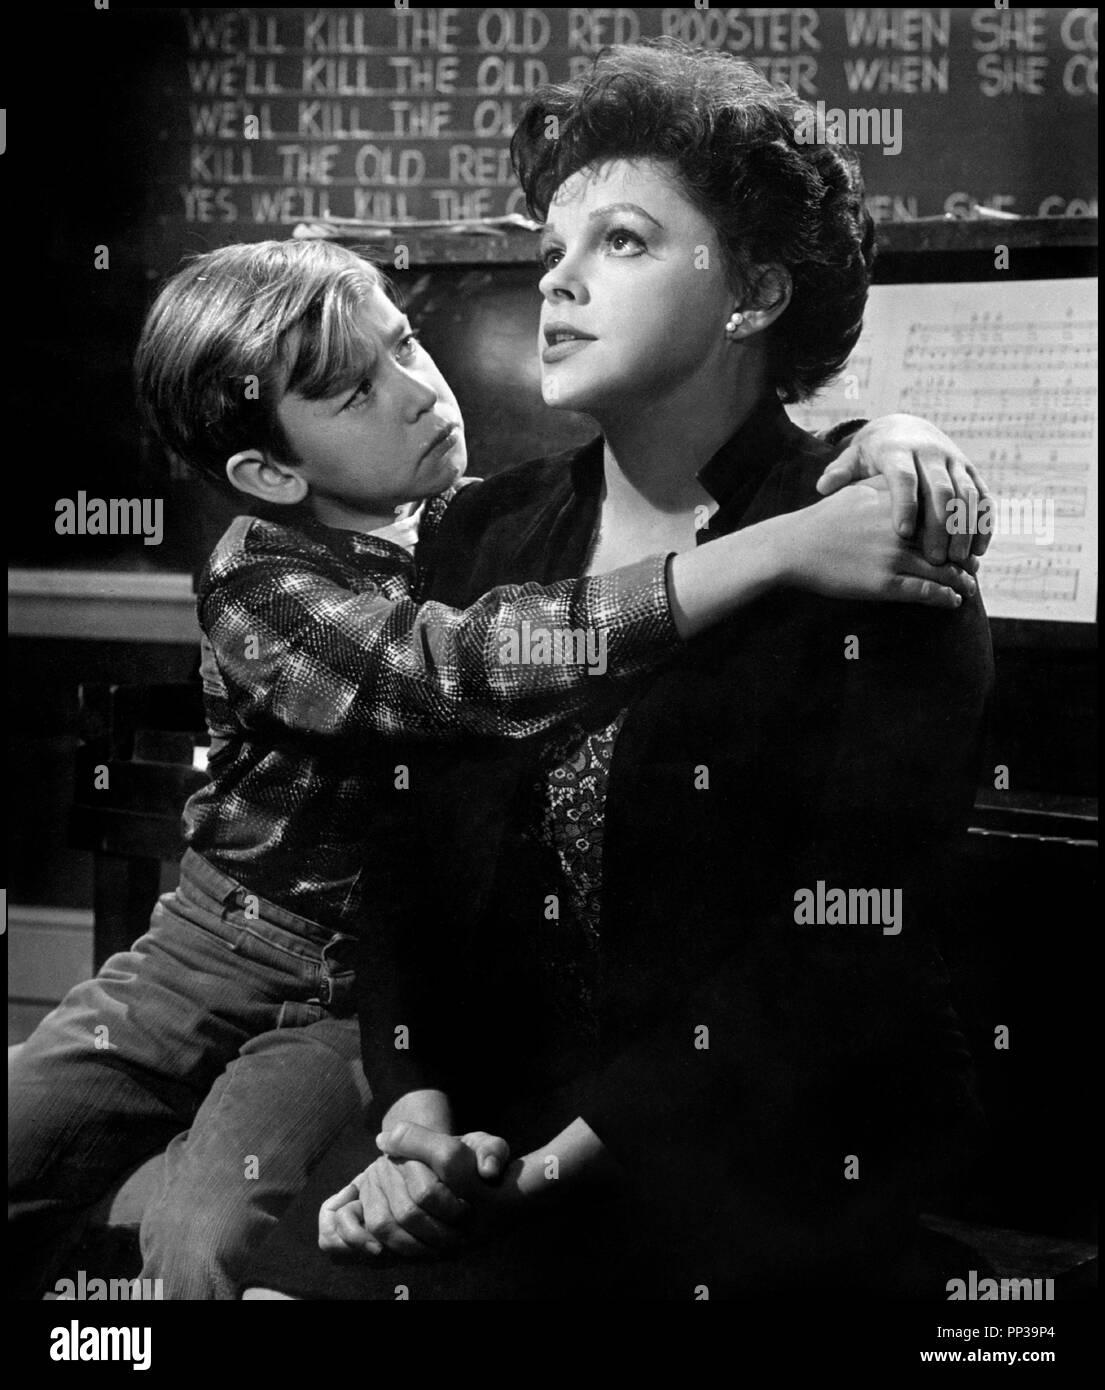 Prod DB © United Artists / DR UN ENFANT ATTEND ( A CHILD IS WAITING) de John Cassavetes 1963 USA avec Bruce Ritchey et Judy Garland tristesse, piano, mere et fils, pleurer Artistes Associés code CW - Stock Image